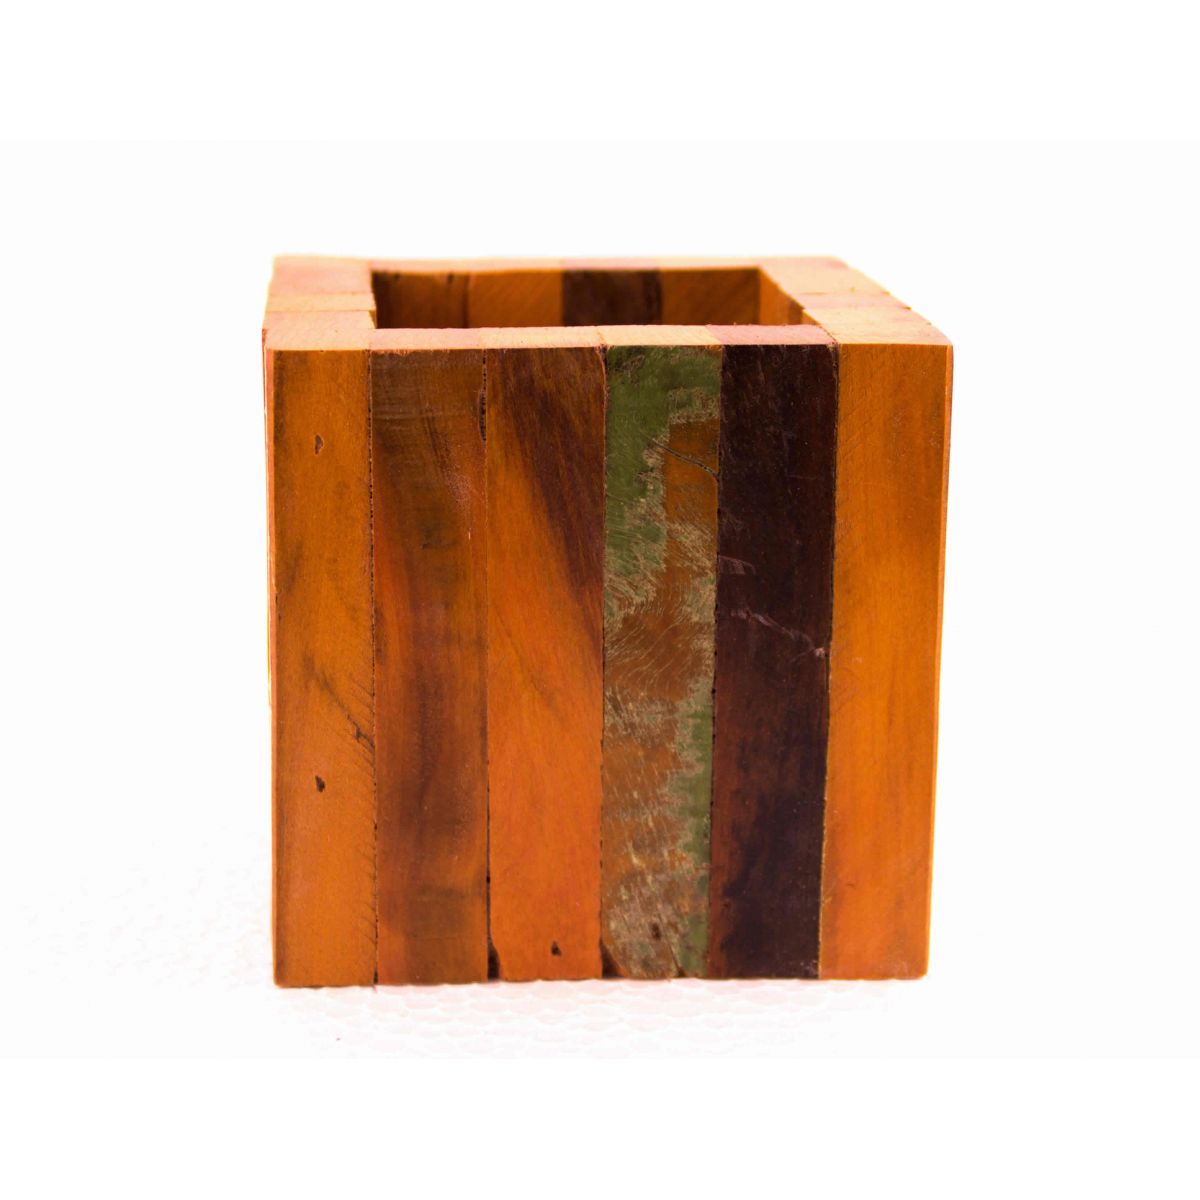 Cachepot De Madeira Rústica E Mini Vaso Para Pequenos Arranjos medida 10x10